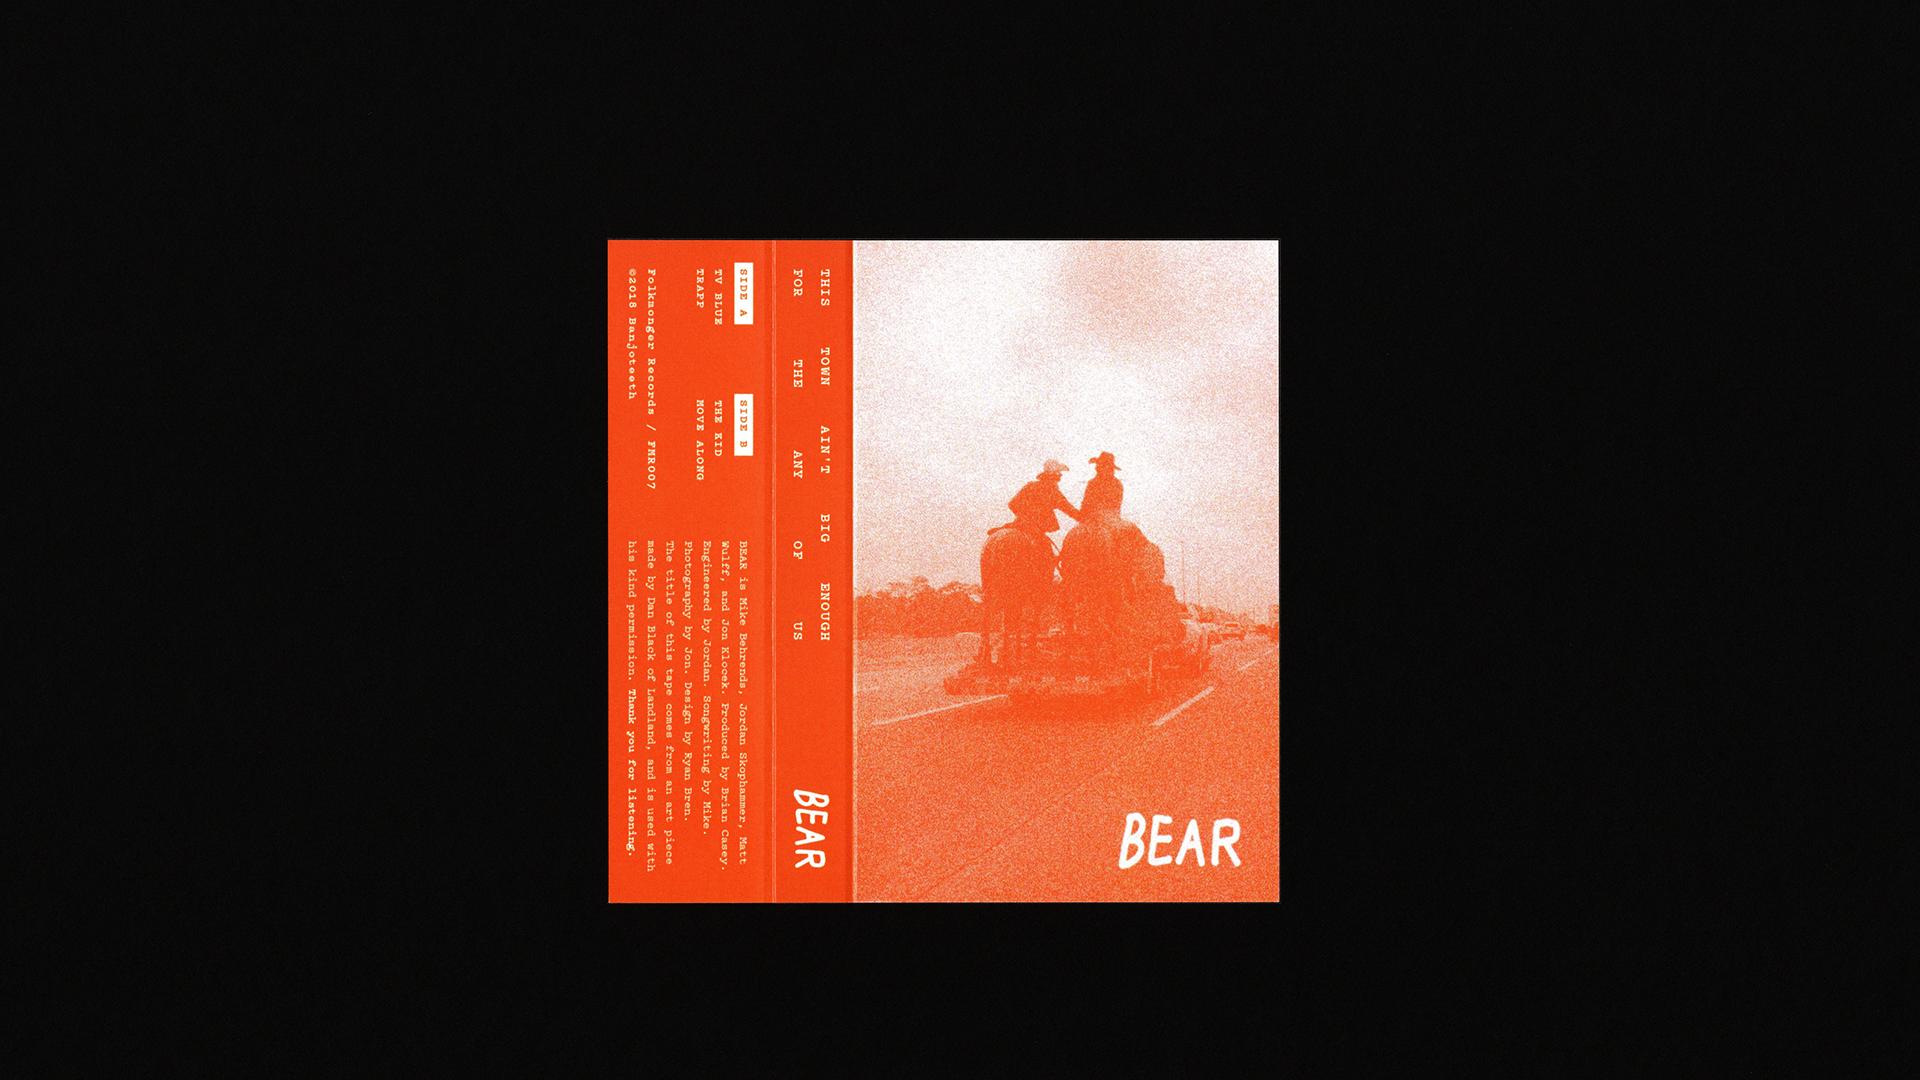 BEAR_Cassette_Sleeve